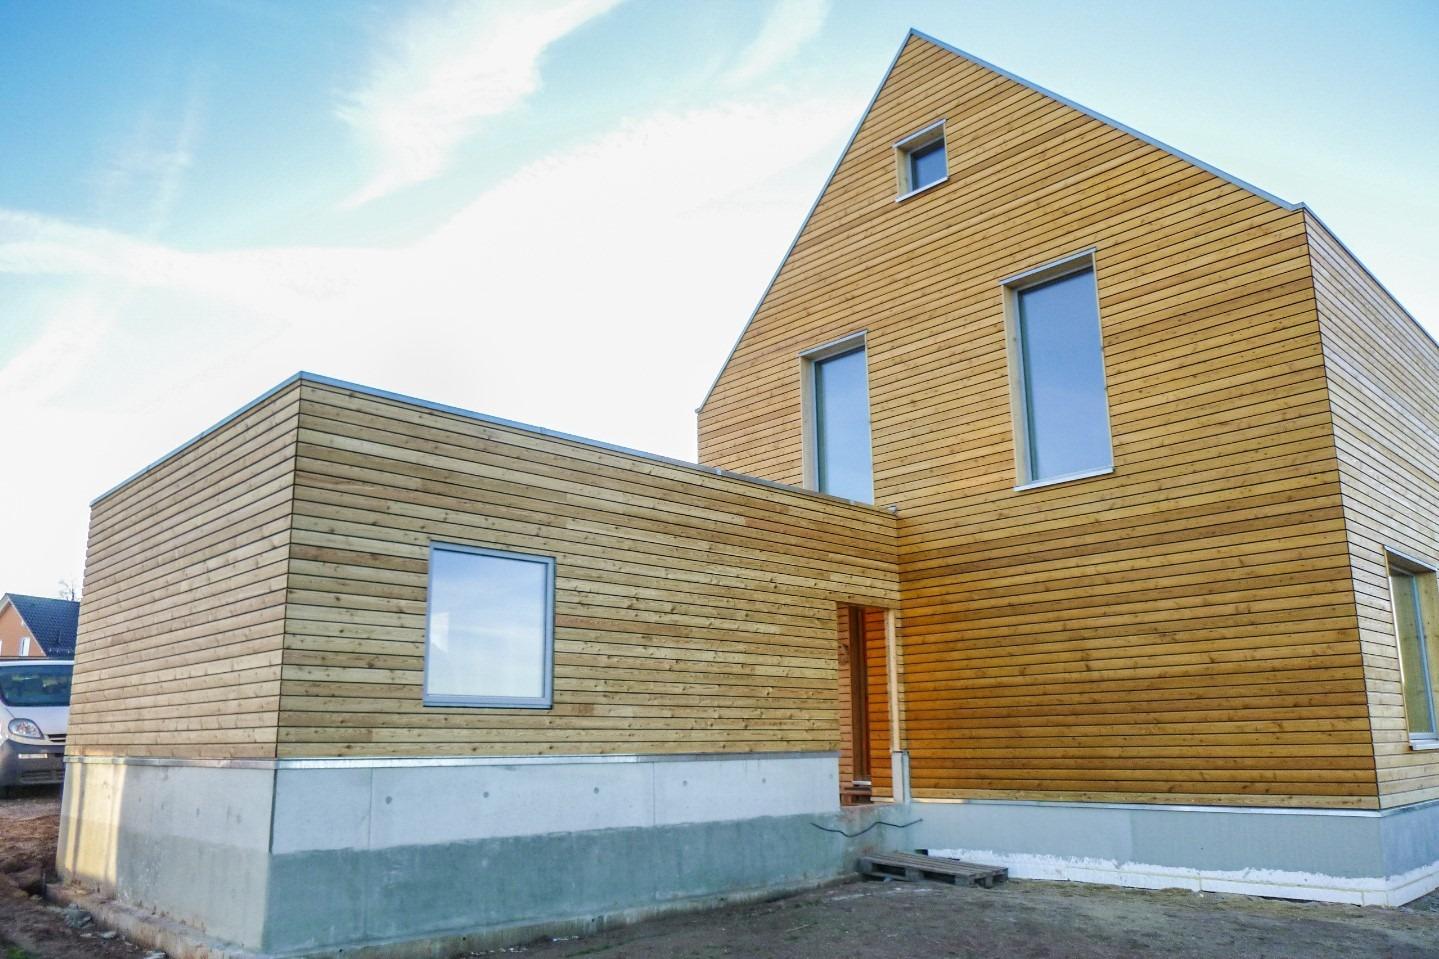 HA Einfamilienhaus mit Lärchenfassade